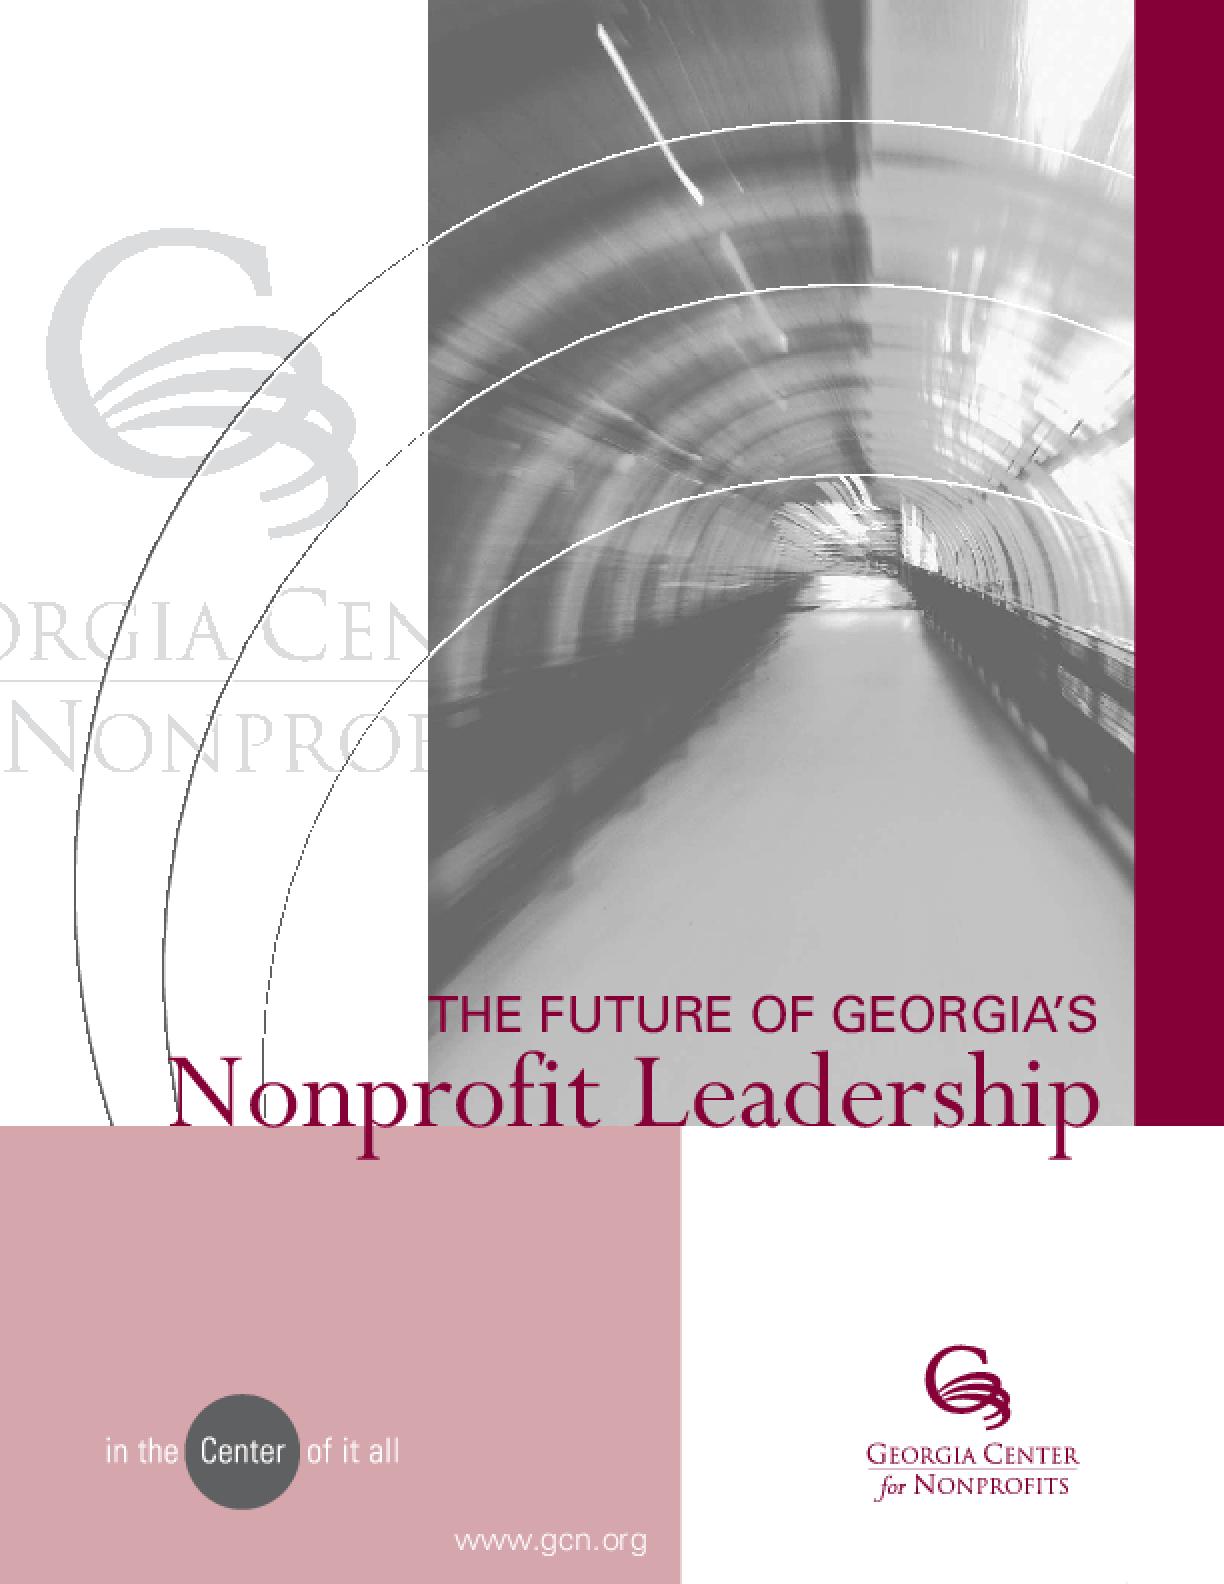 The Future of Georgia's Nonprofit Leadership